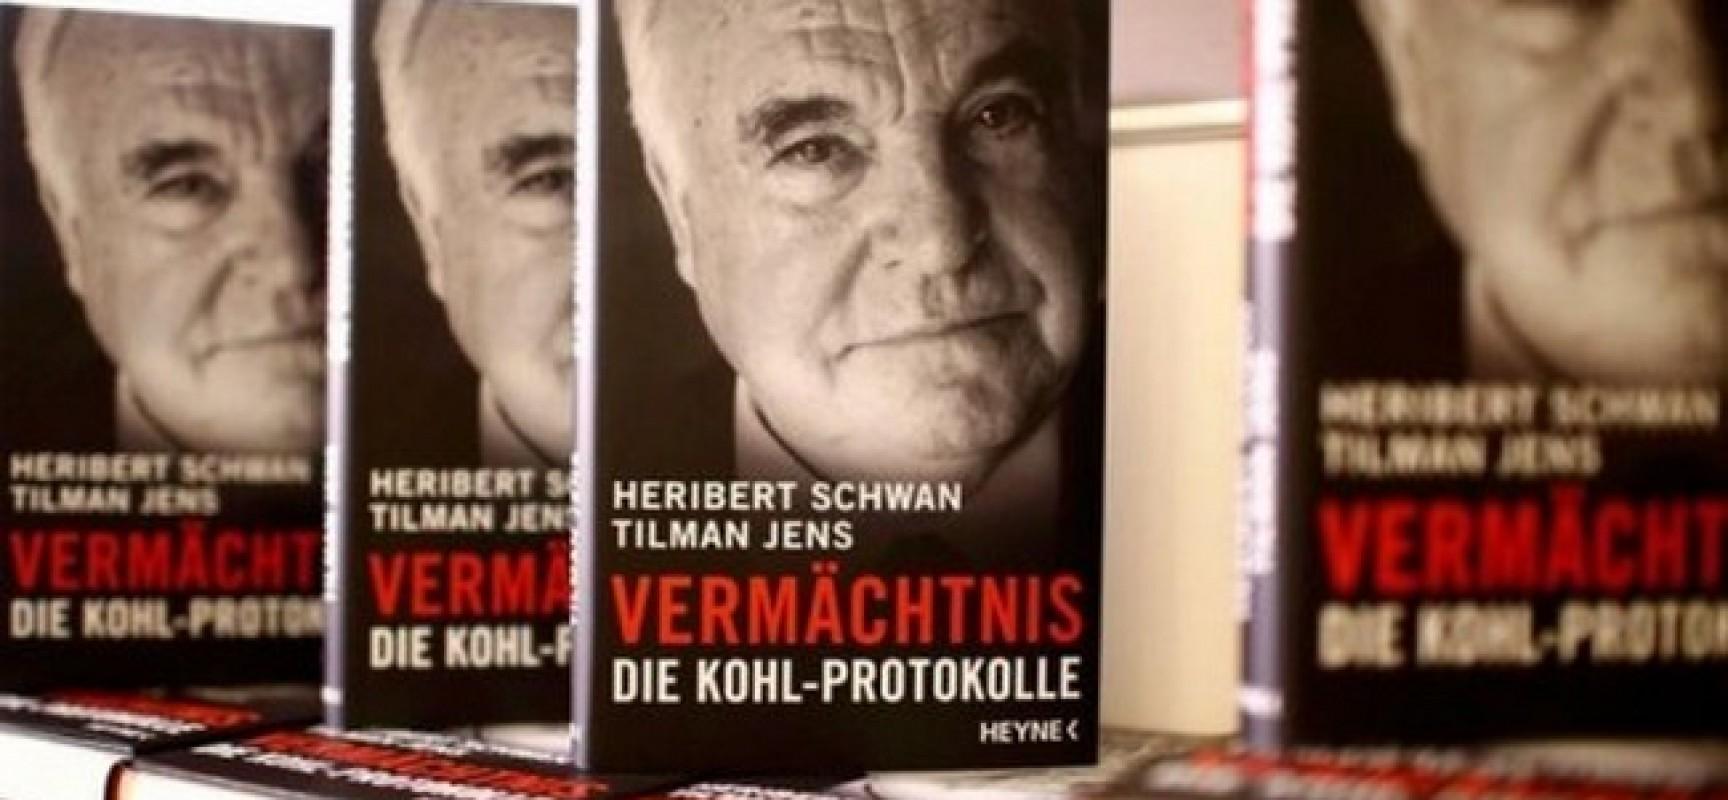 Les Mémoires de l'ancien chancelier allemand Helmut Kohl pourraient enterrer la carrière de Merkel